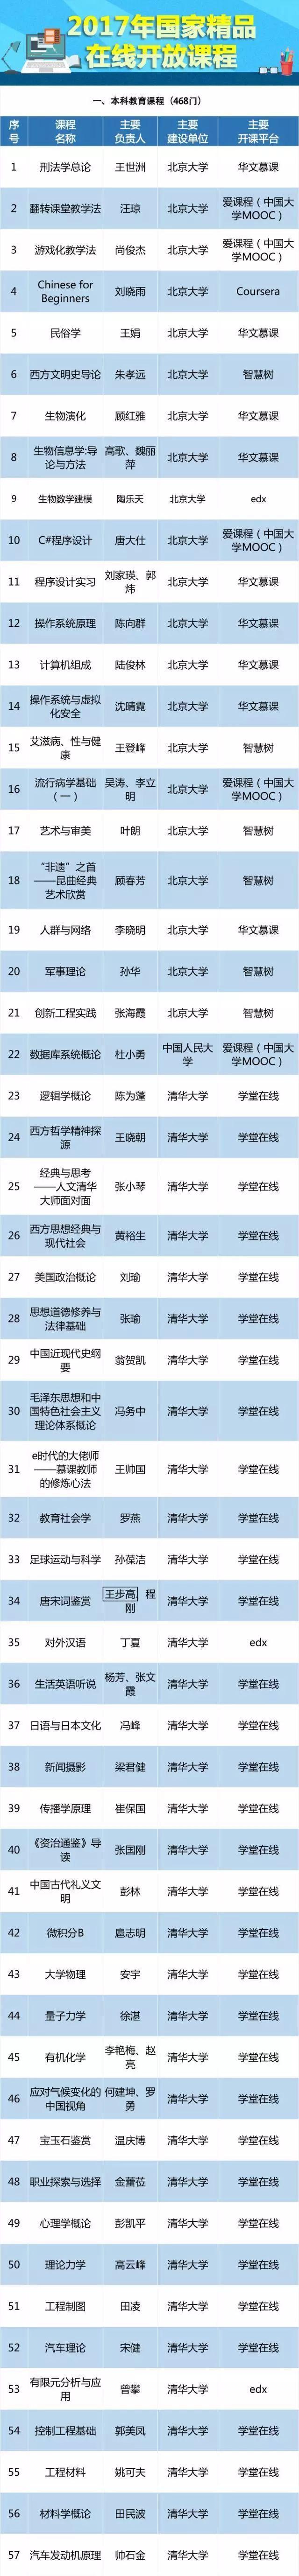 清华北大课程免费听,教育部公布490门精品在线开放课程